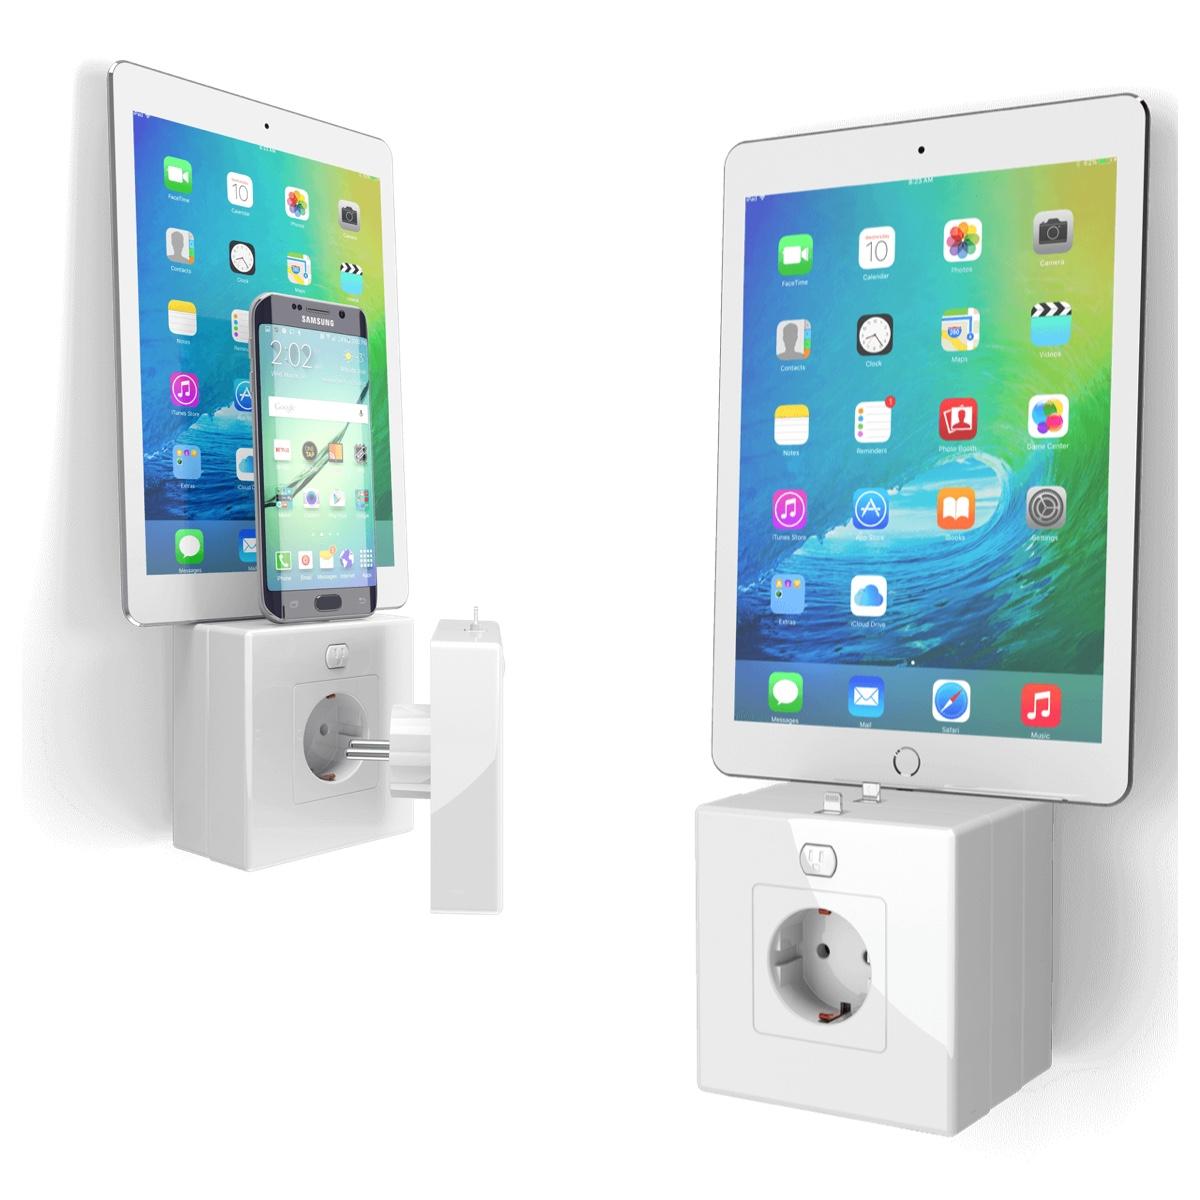 thingcharger smartphones und tablets stilvoll ohne kabel laden f rderland. Black Bedroom Furniture Sets. Home Design Ideas